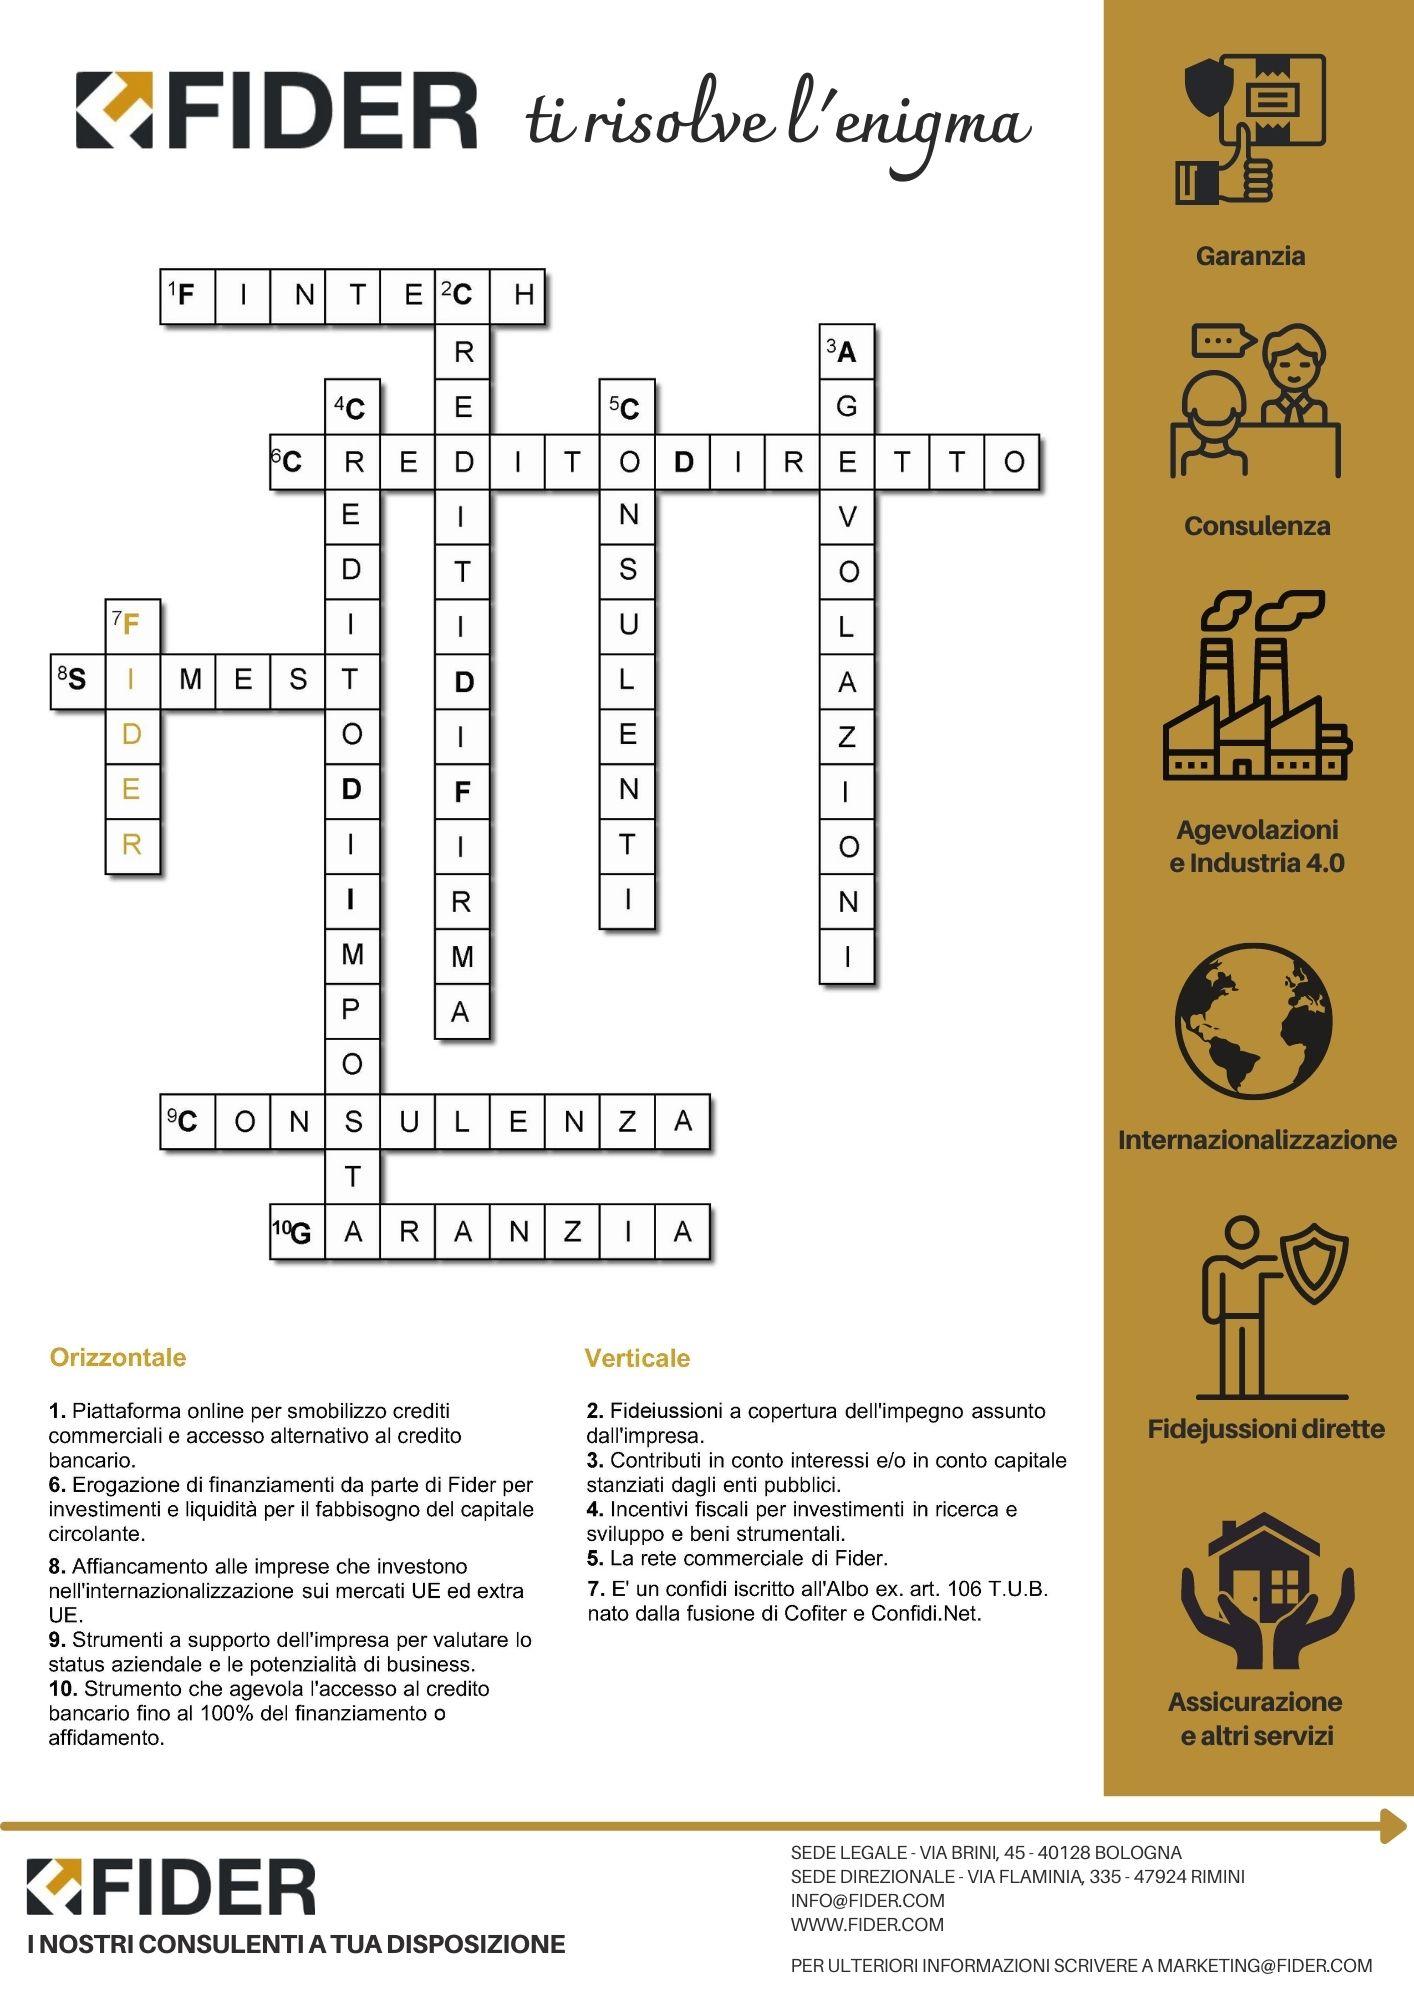 Fider ti risolve l'enigma